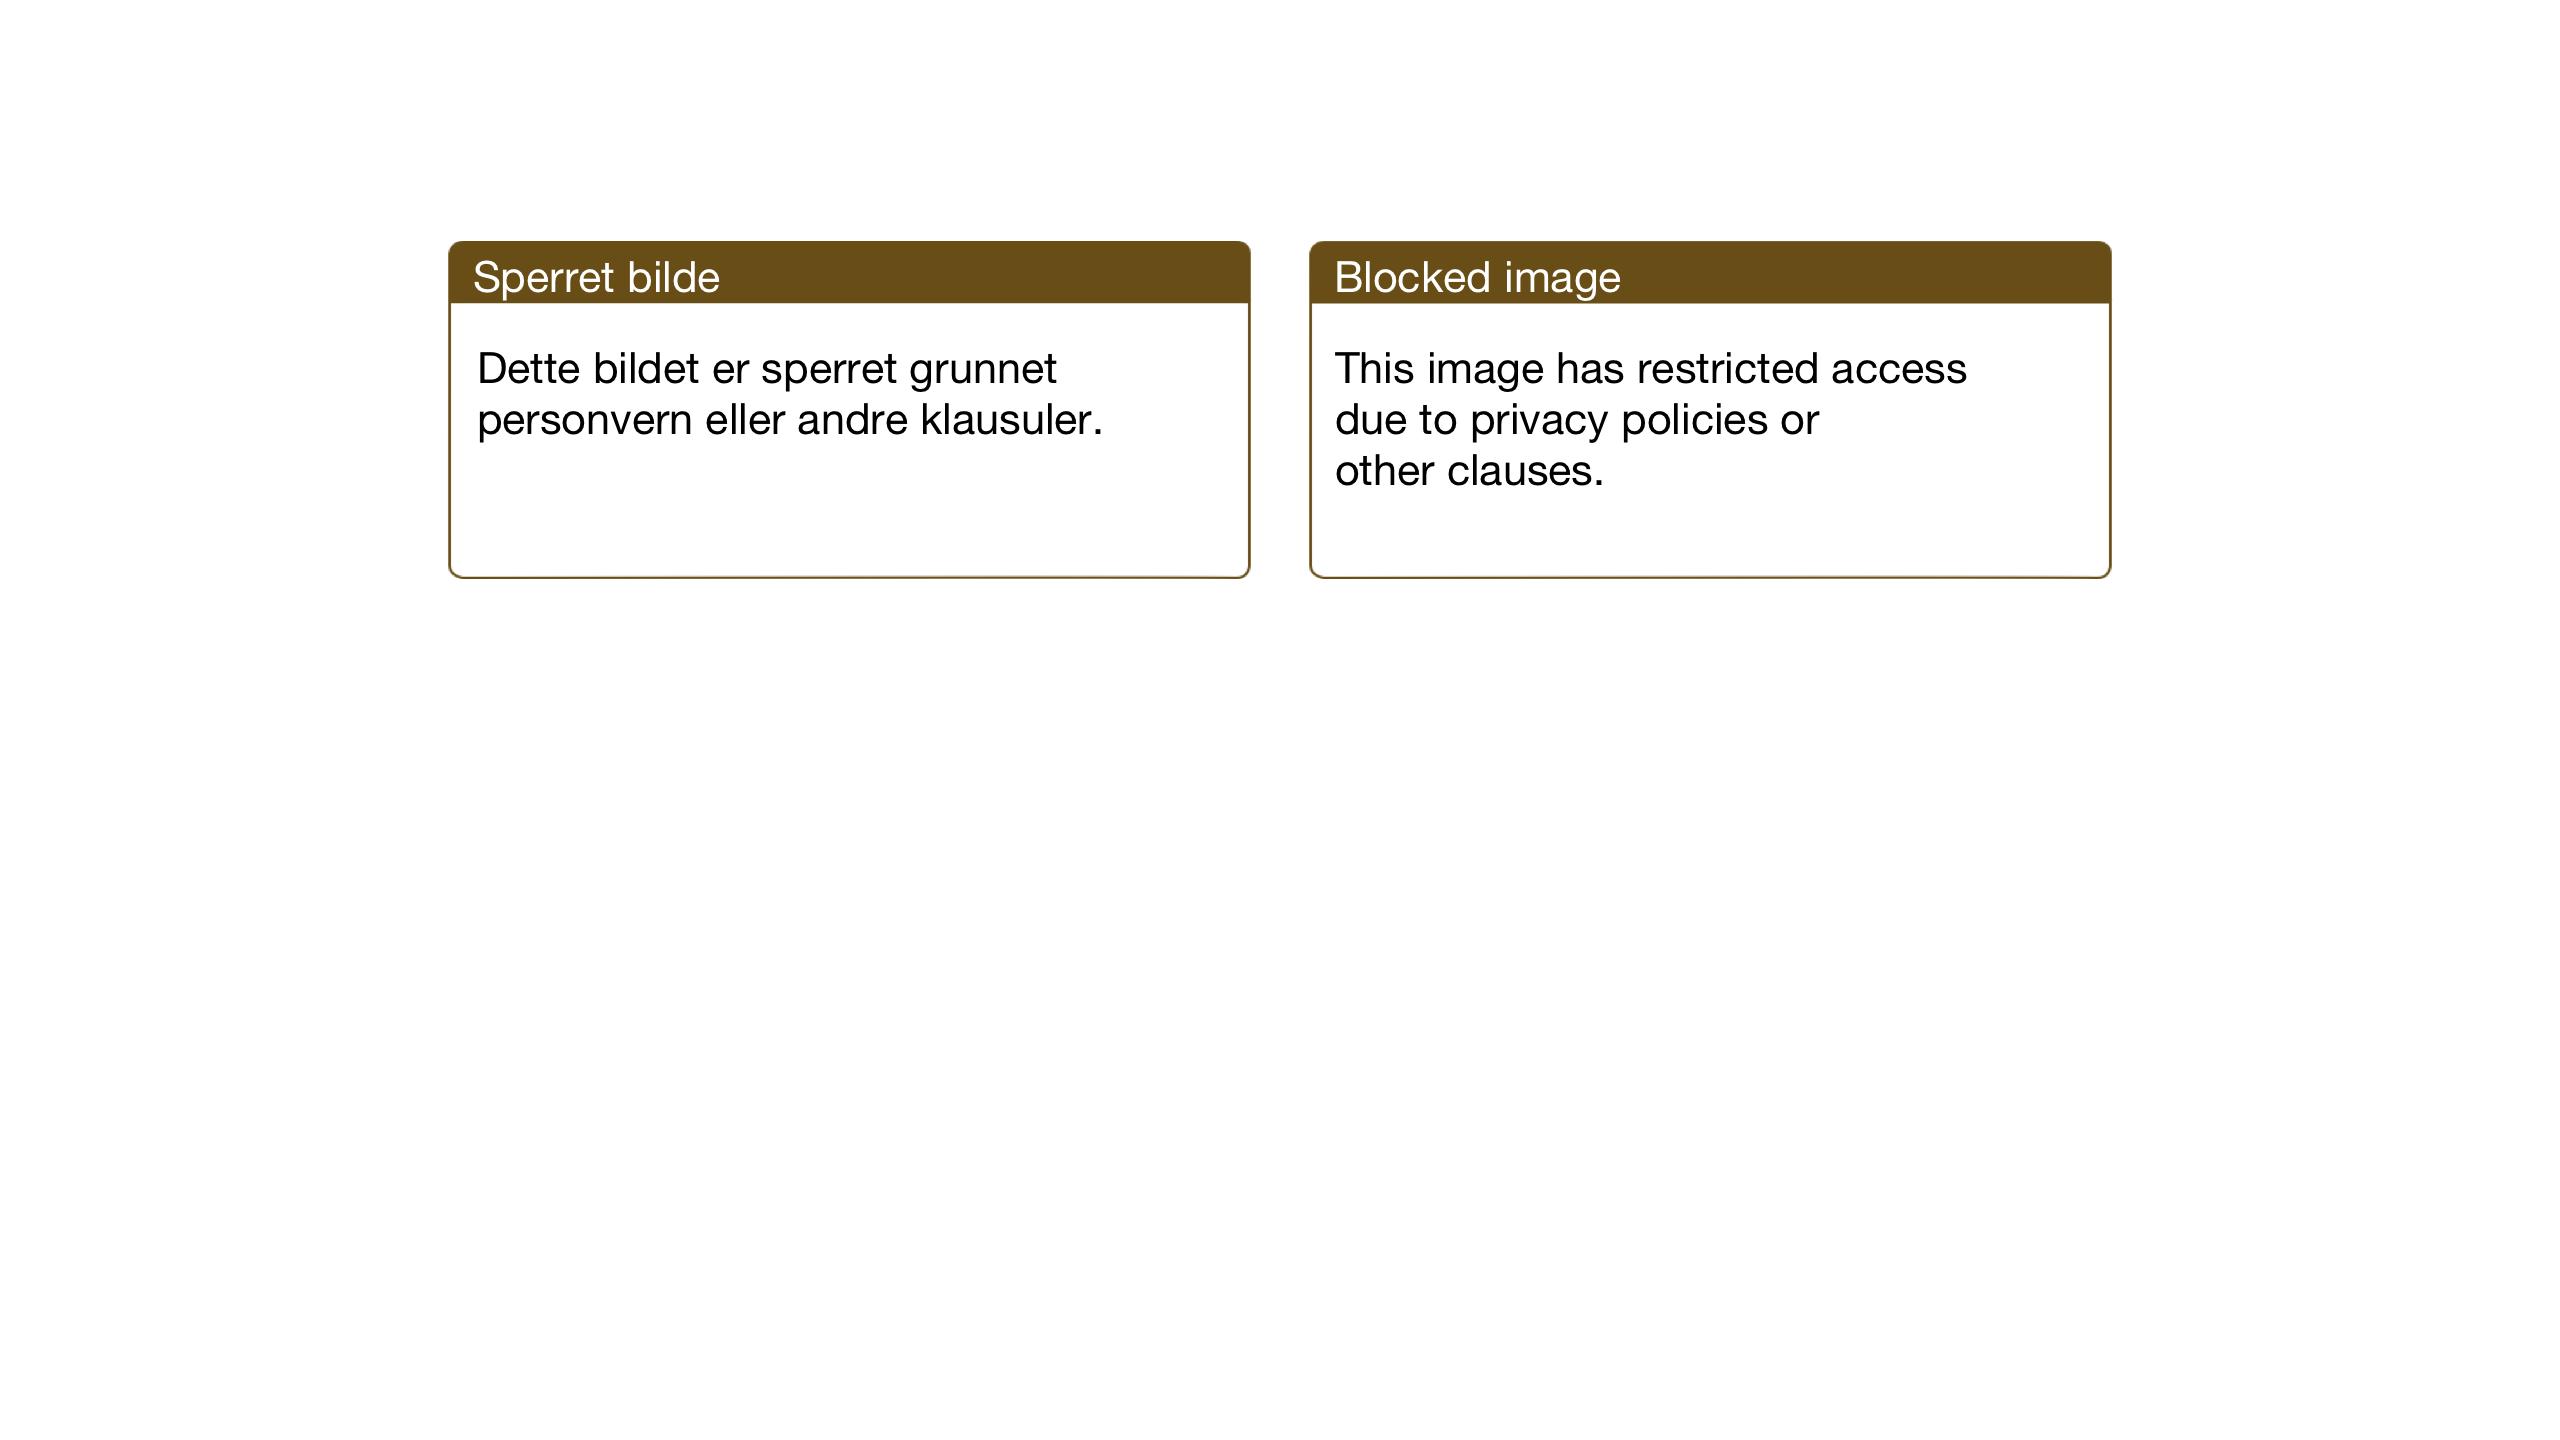 SAT, Ministerialprotokoller, klokkerbøker og fødselsregistre - Sør-Trøndelag, 606/L0315: Klokkerbok nr. 606C11, 1938-1947, s. 42